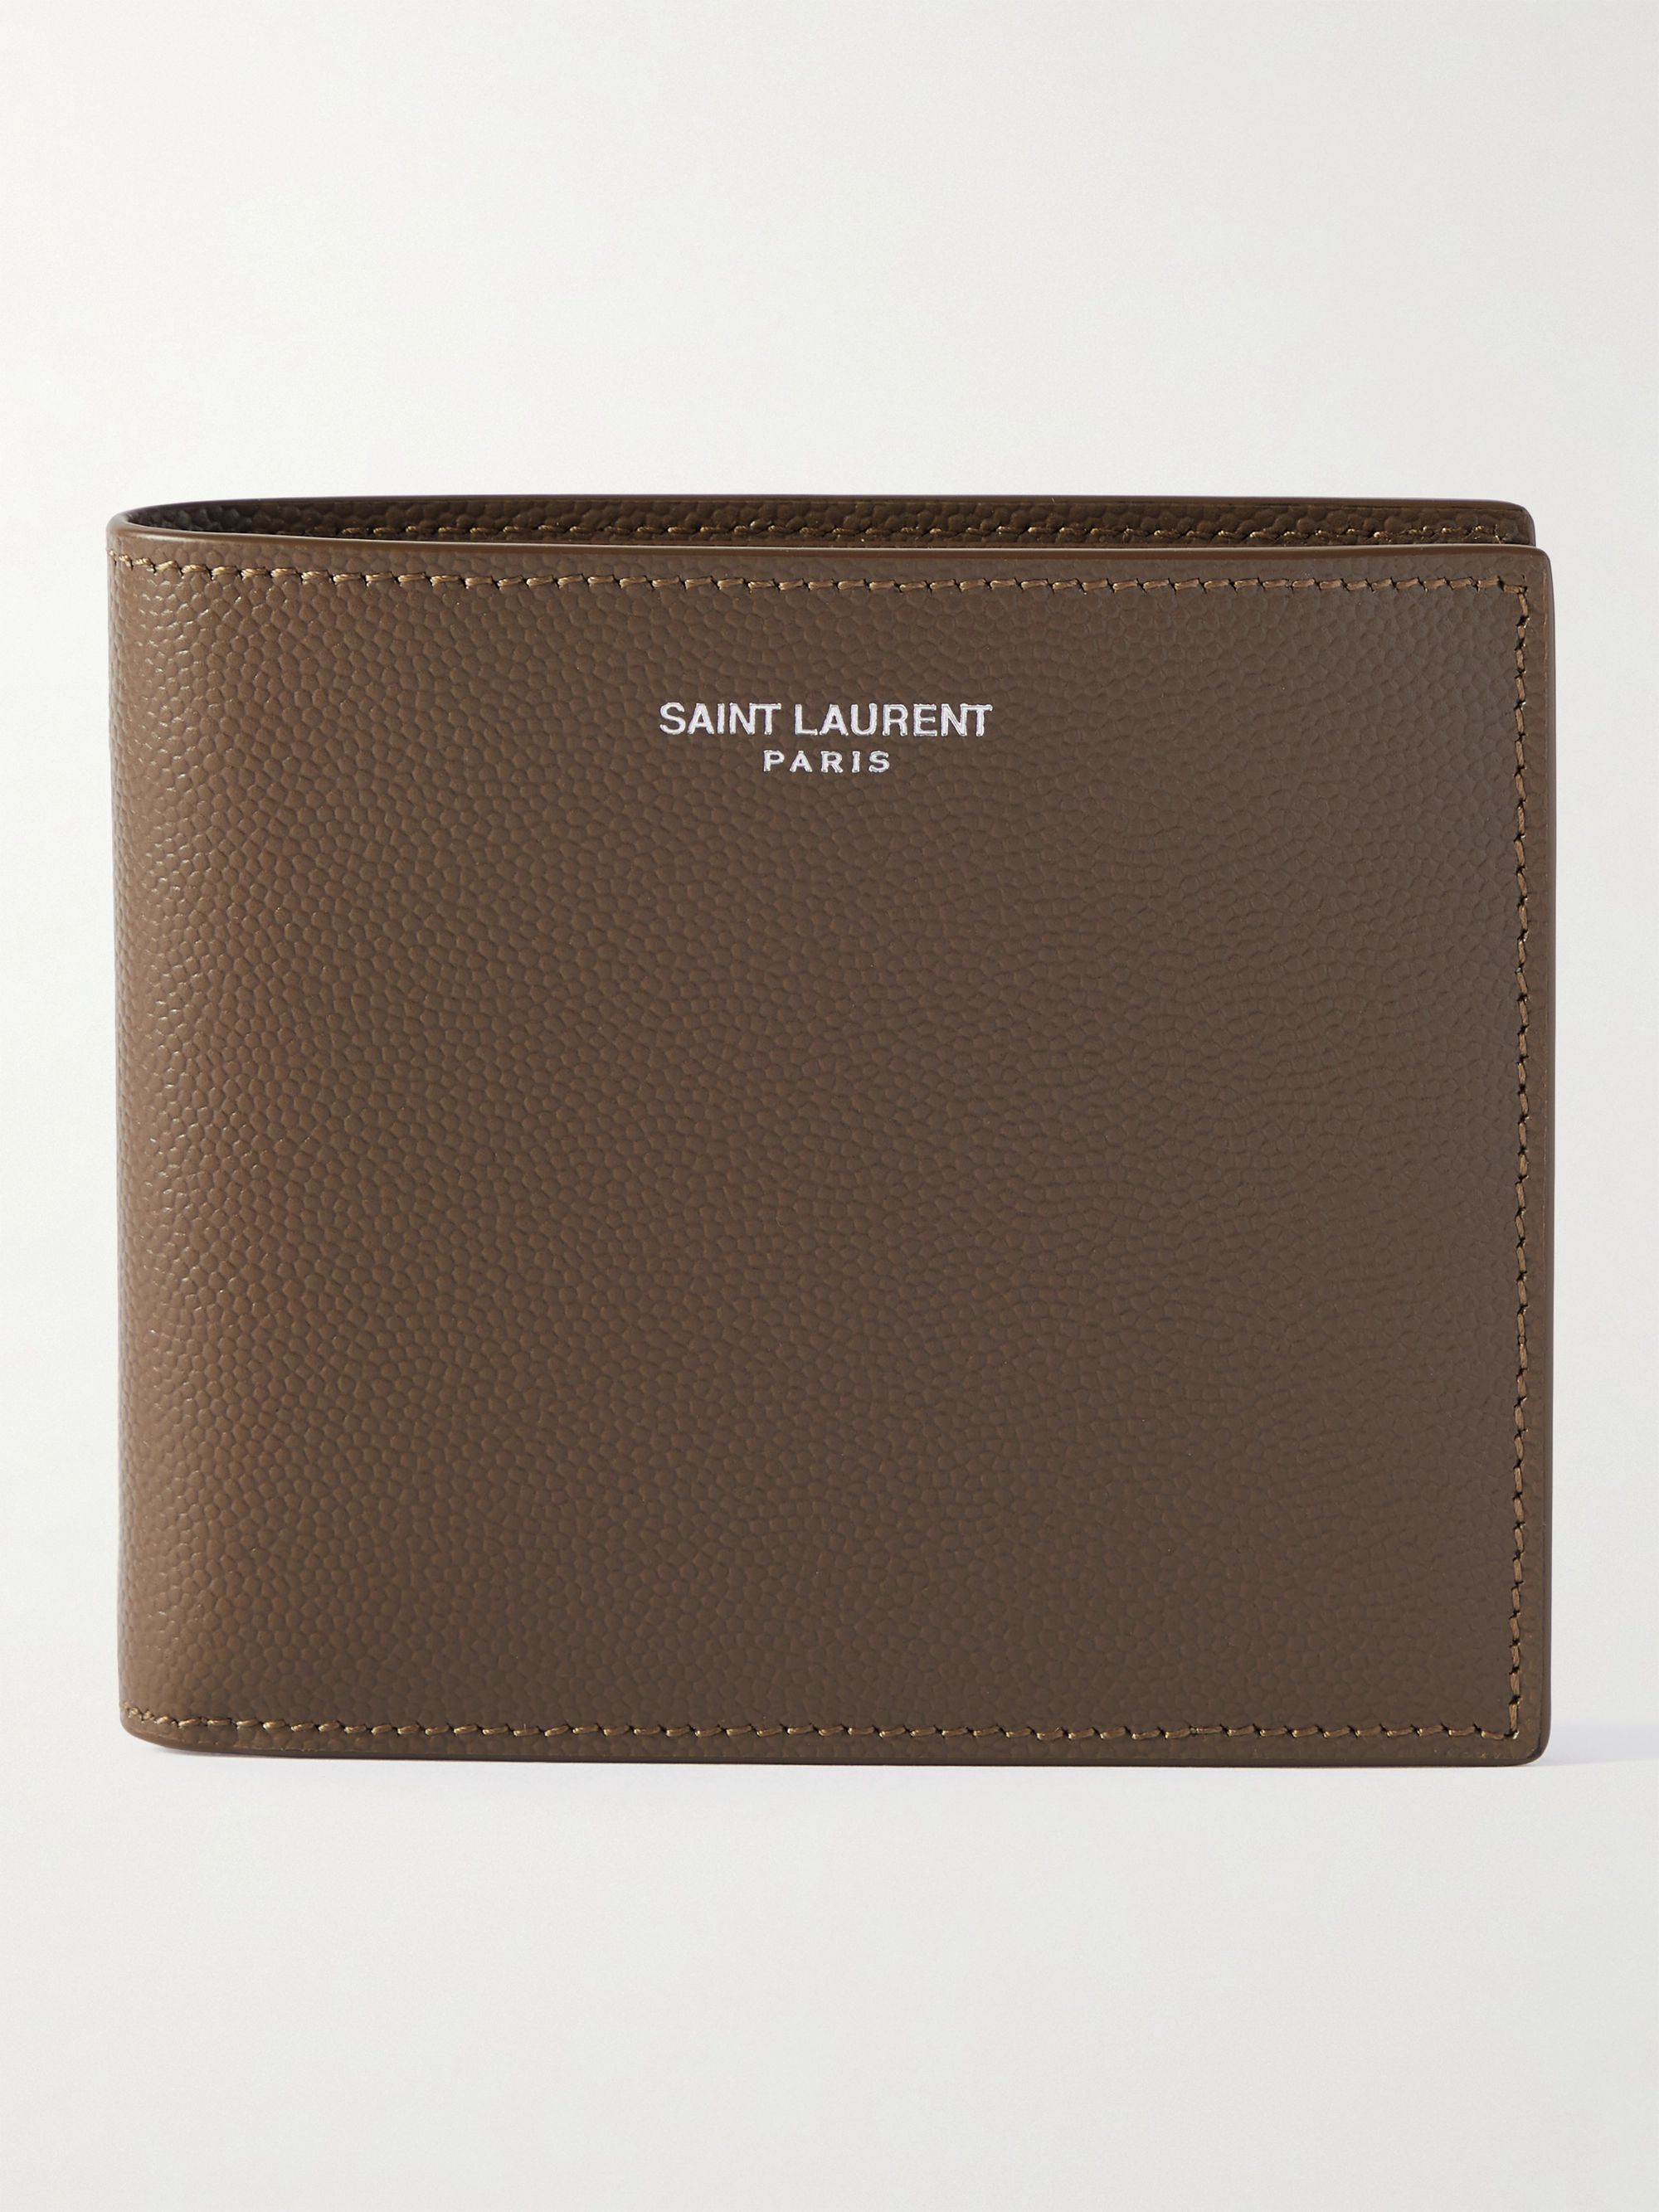 생 로랑 반지갑 Saint Laurent Logo-Print Pebble-Grain Leather Billfold Wallet,Brown